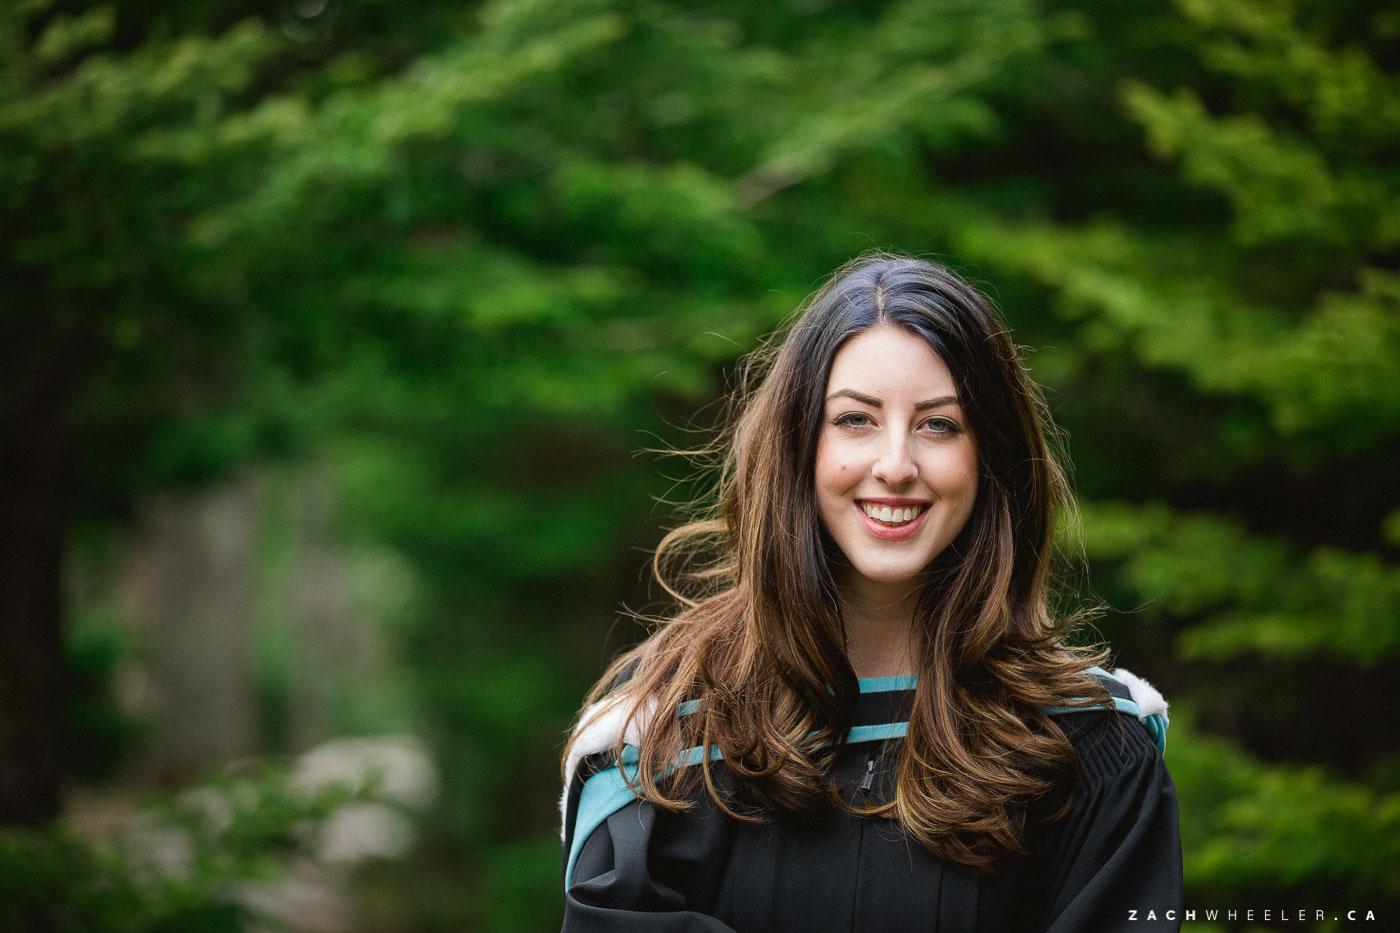 MUN-Graduation-Photographer-Outdoor-3